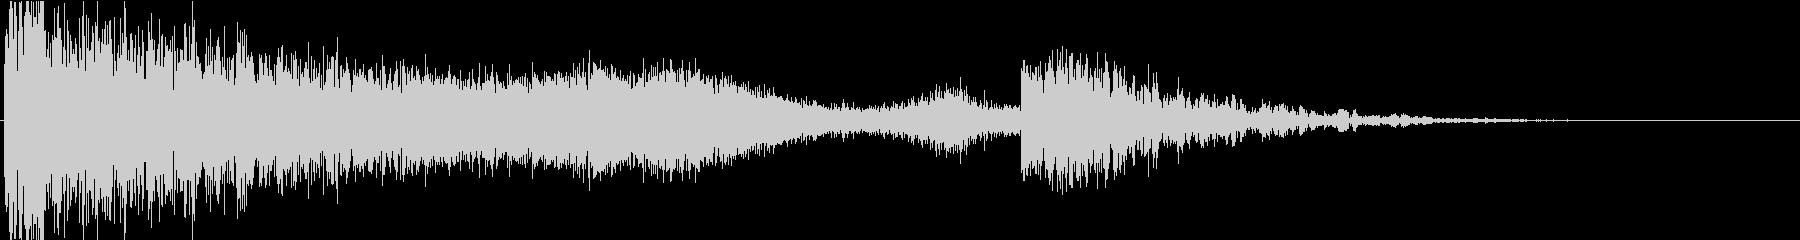 シネマトレーラー1INTRO_Lの未再生の波形